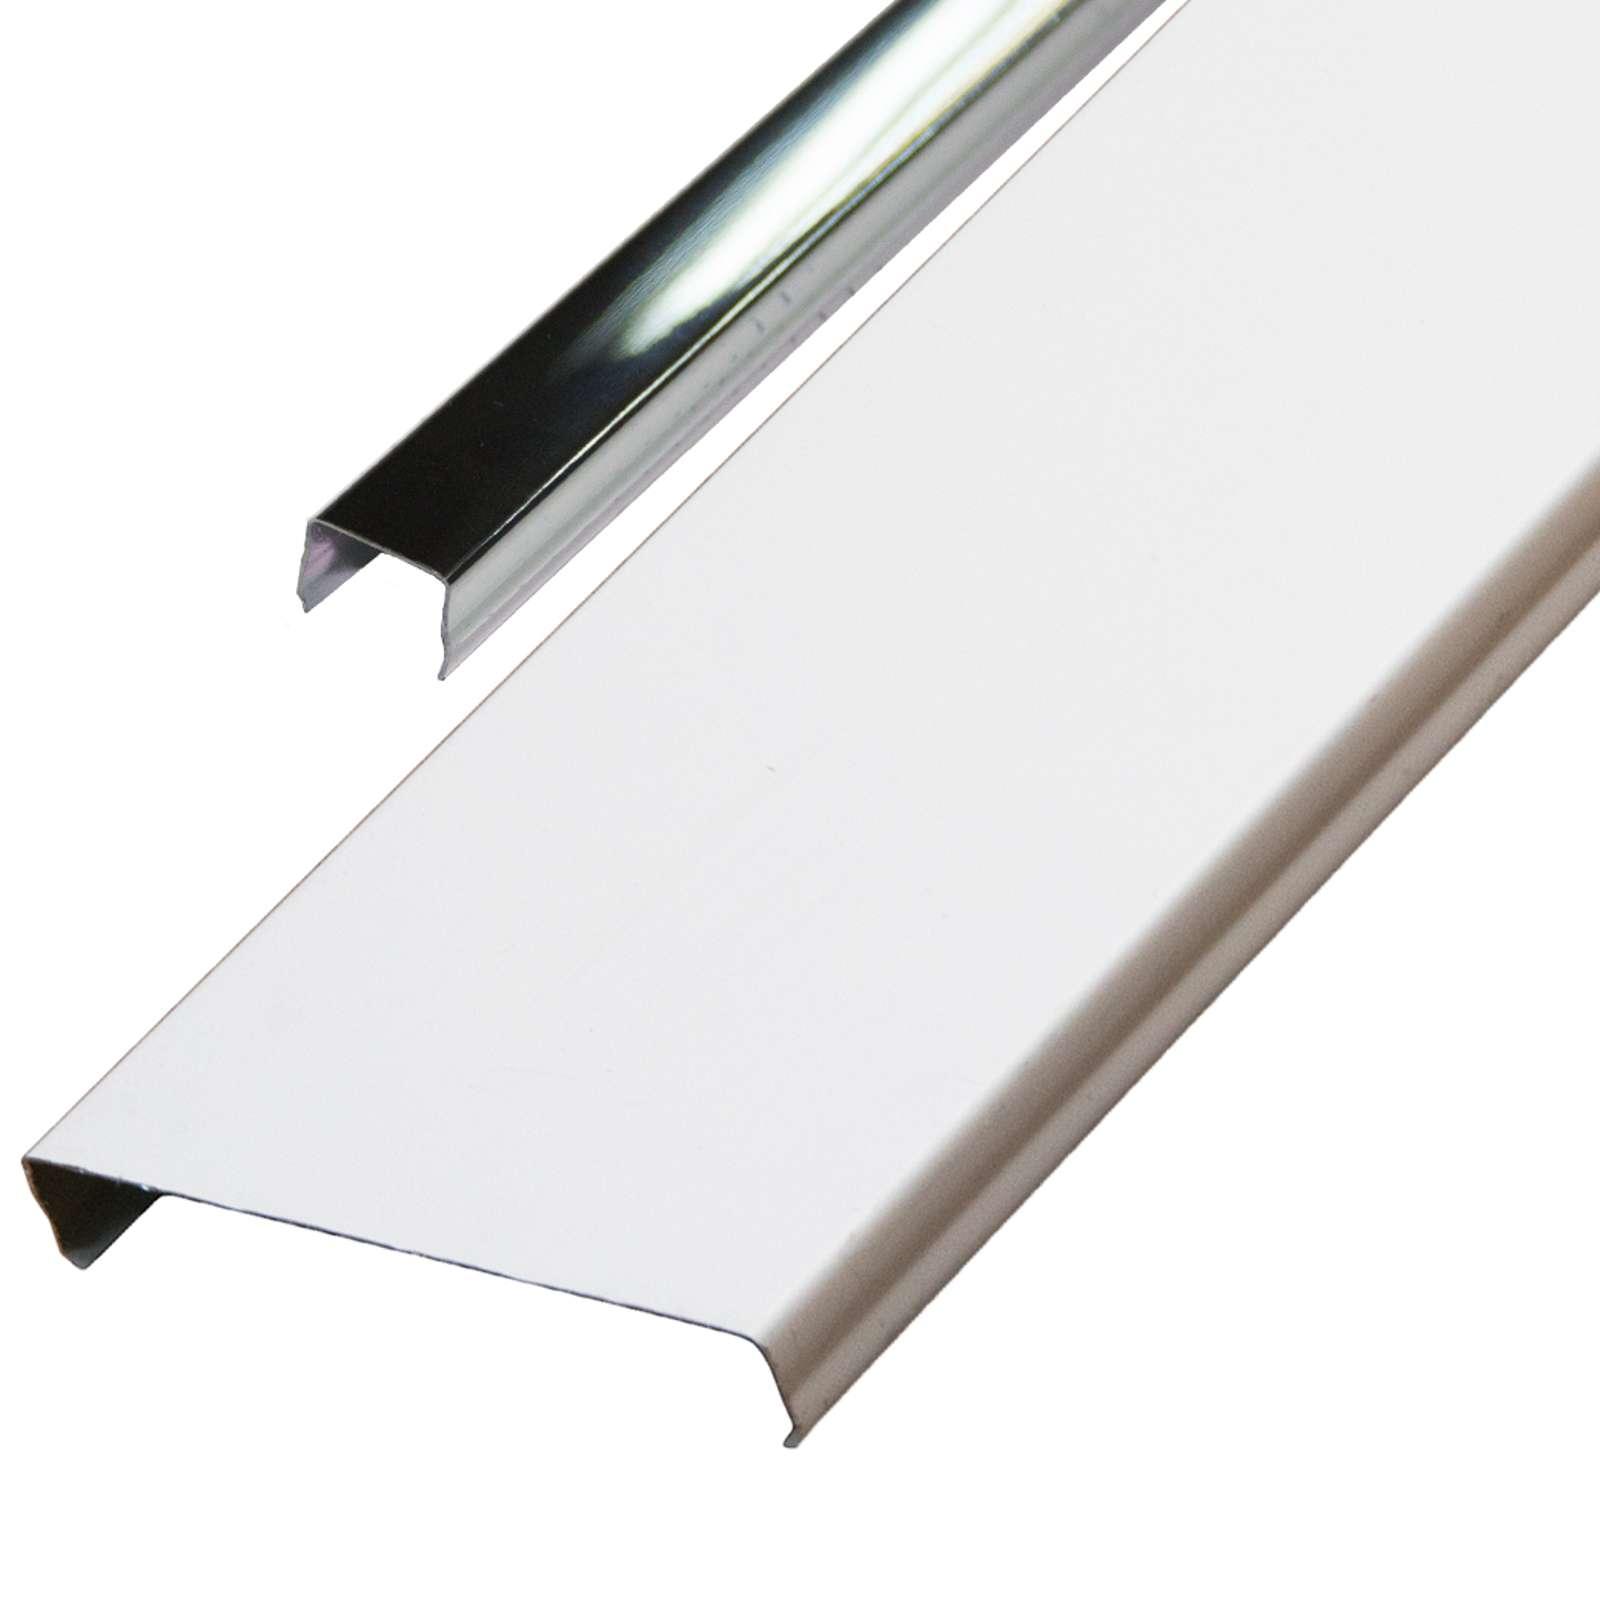 Комплект потолочный 1,35х0,9м эк AN85A белый RUS с раскладкой супер-хром люкс